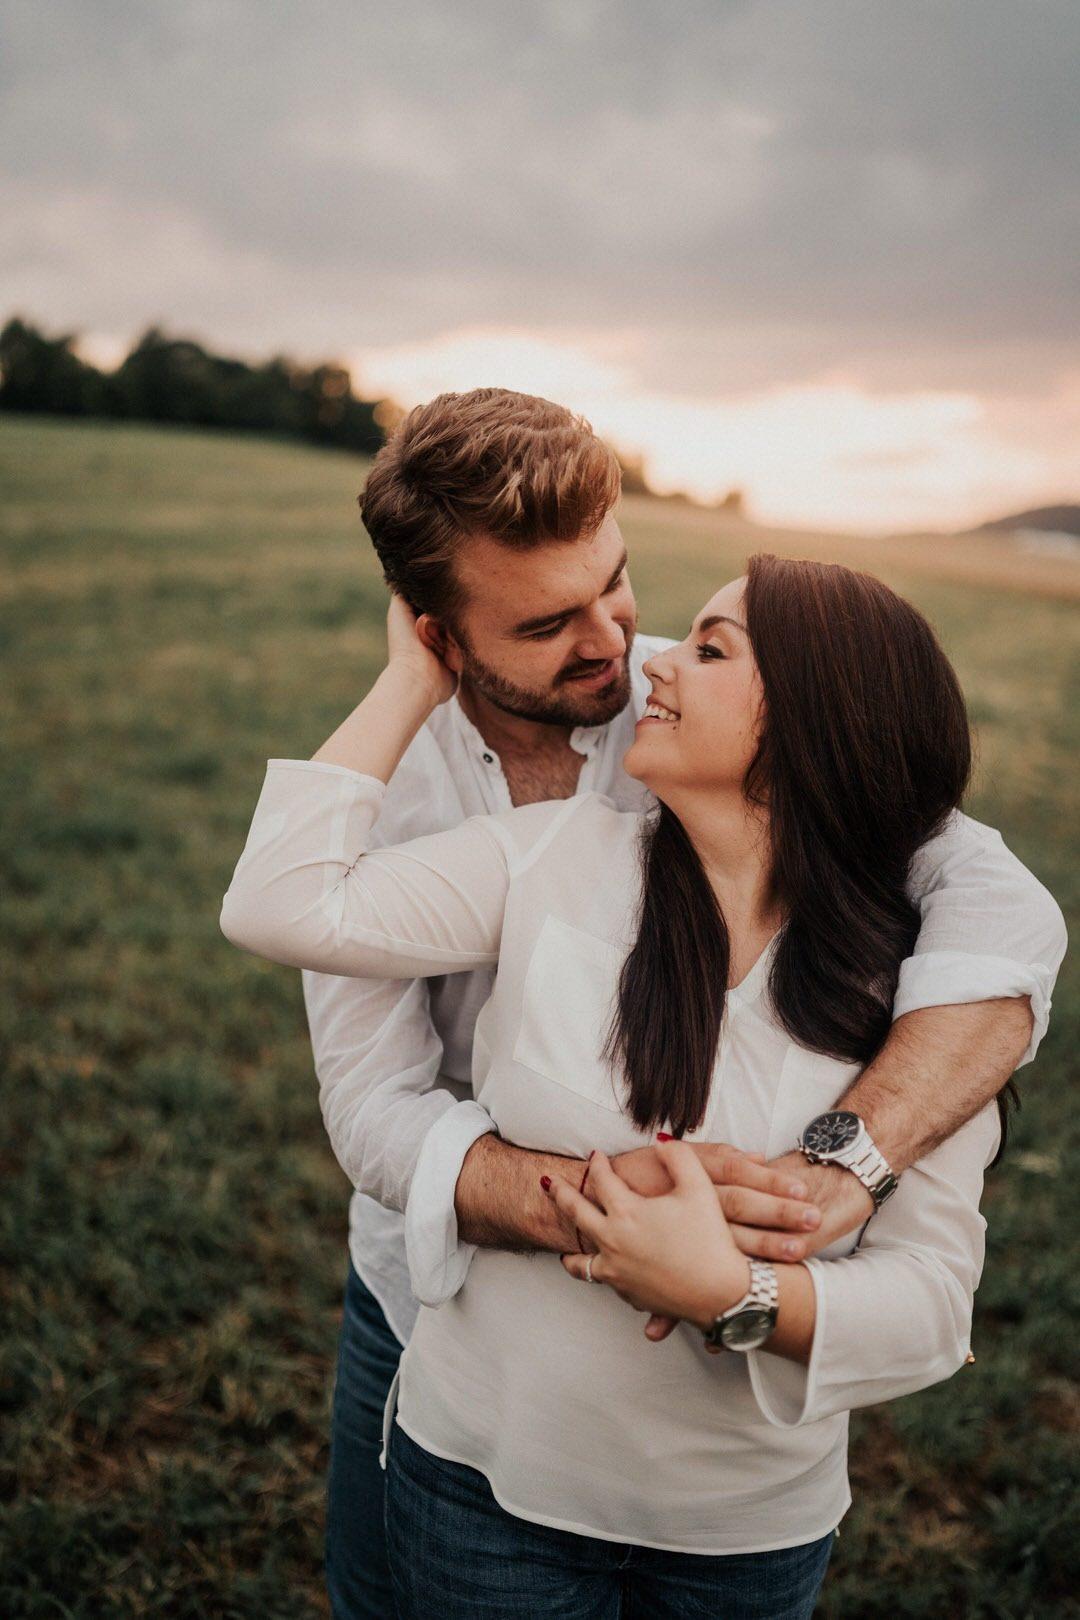 Ein Engagement-Shooting ist so wertvoll, weil Hochzeitspaare an ihrem Hochzeitstag viel entspannter an die Fotografie herangehen können, da sie den Fotografen und seinen Arbeitsstil kennen gelernt haben